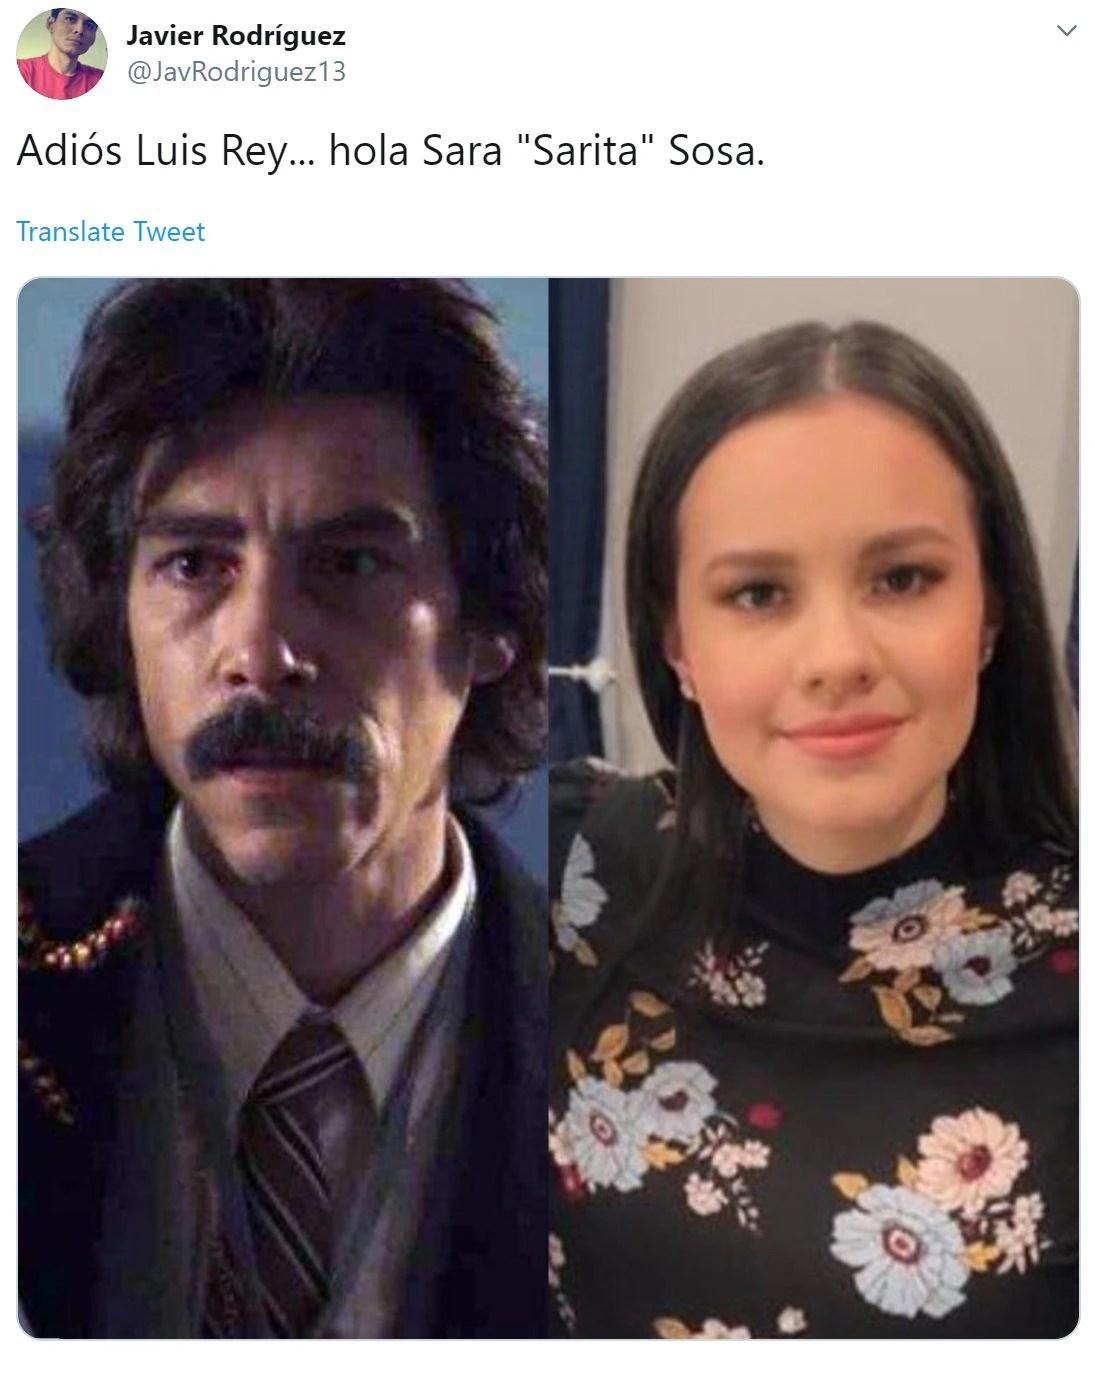 Los fans de José José dijeron que Sarita Sosa era la nueva Luis Rey (Foto: Twitter)